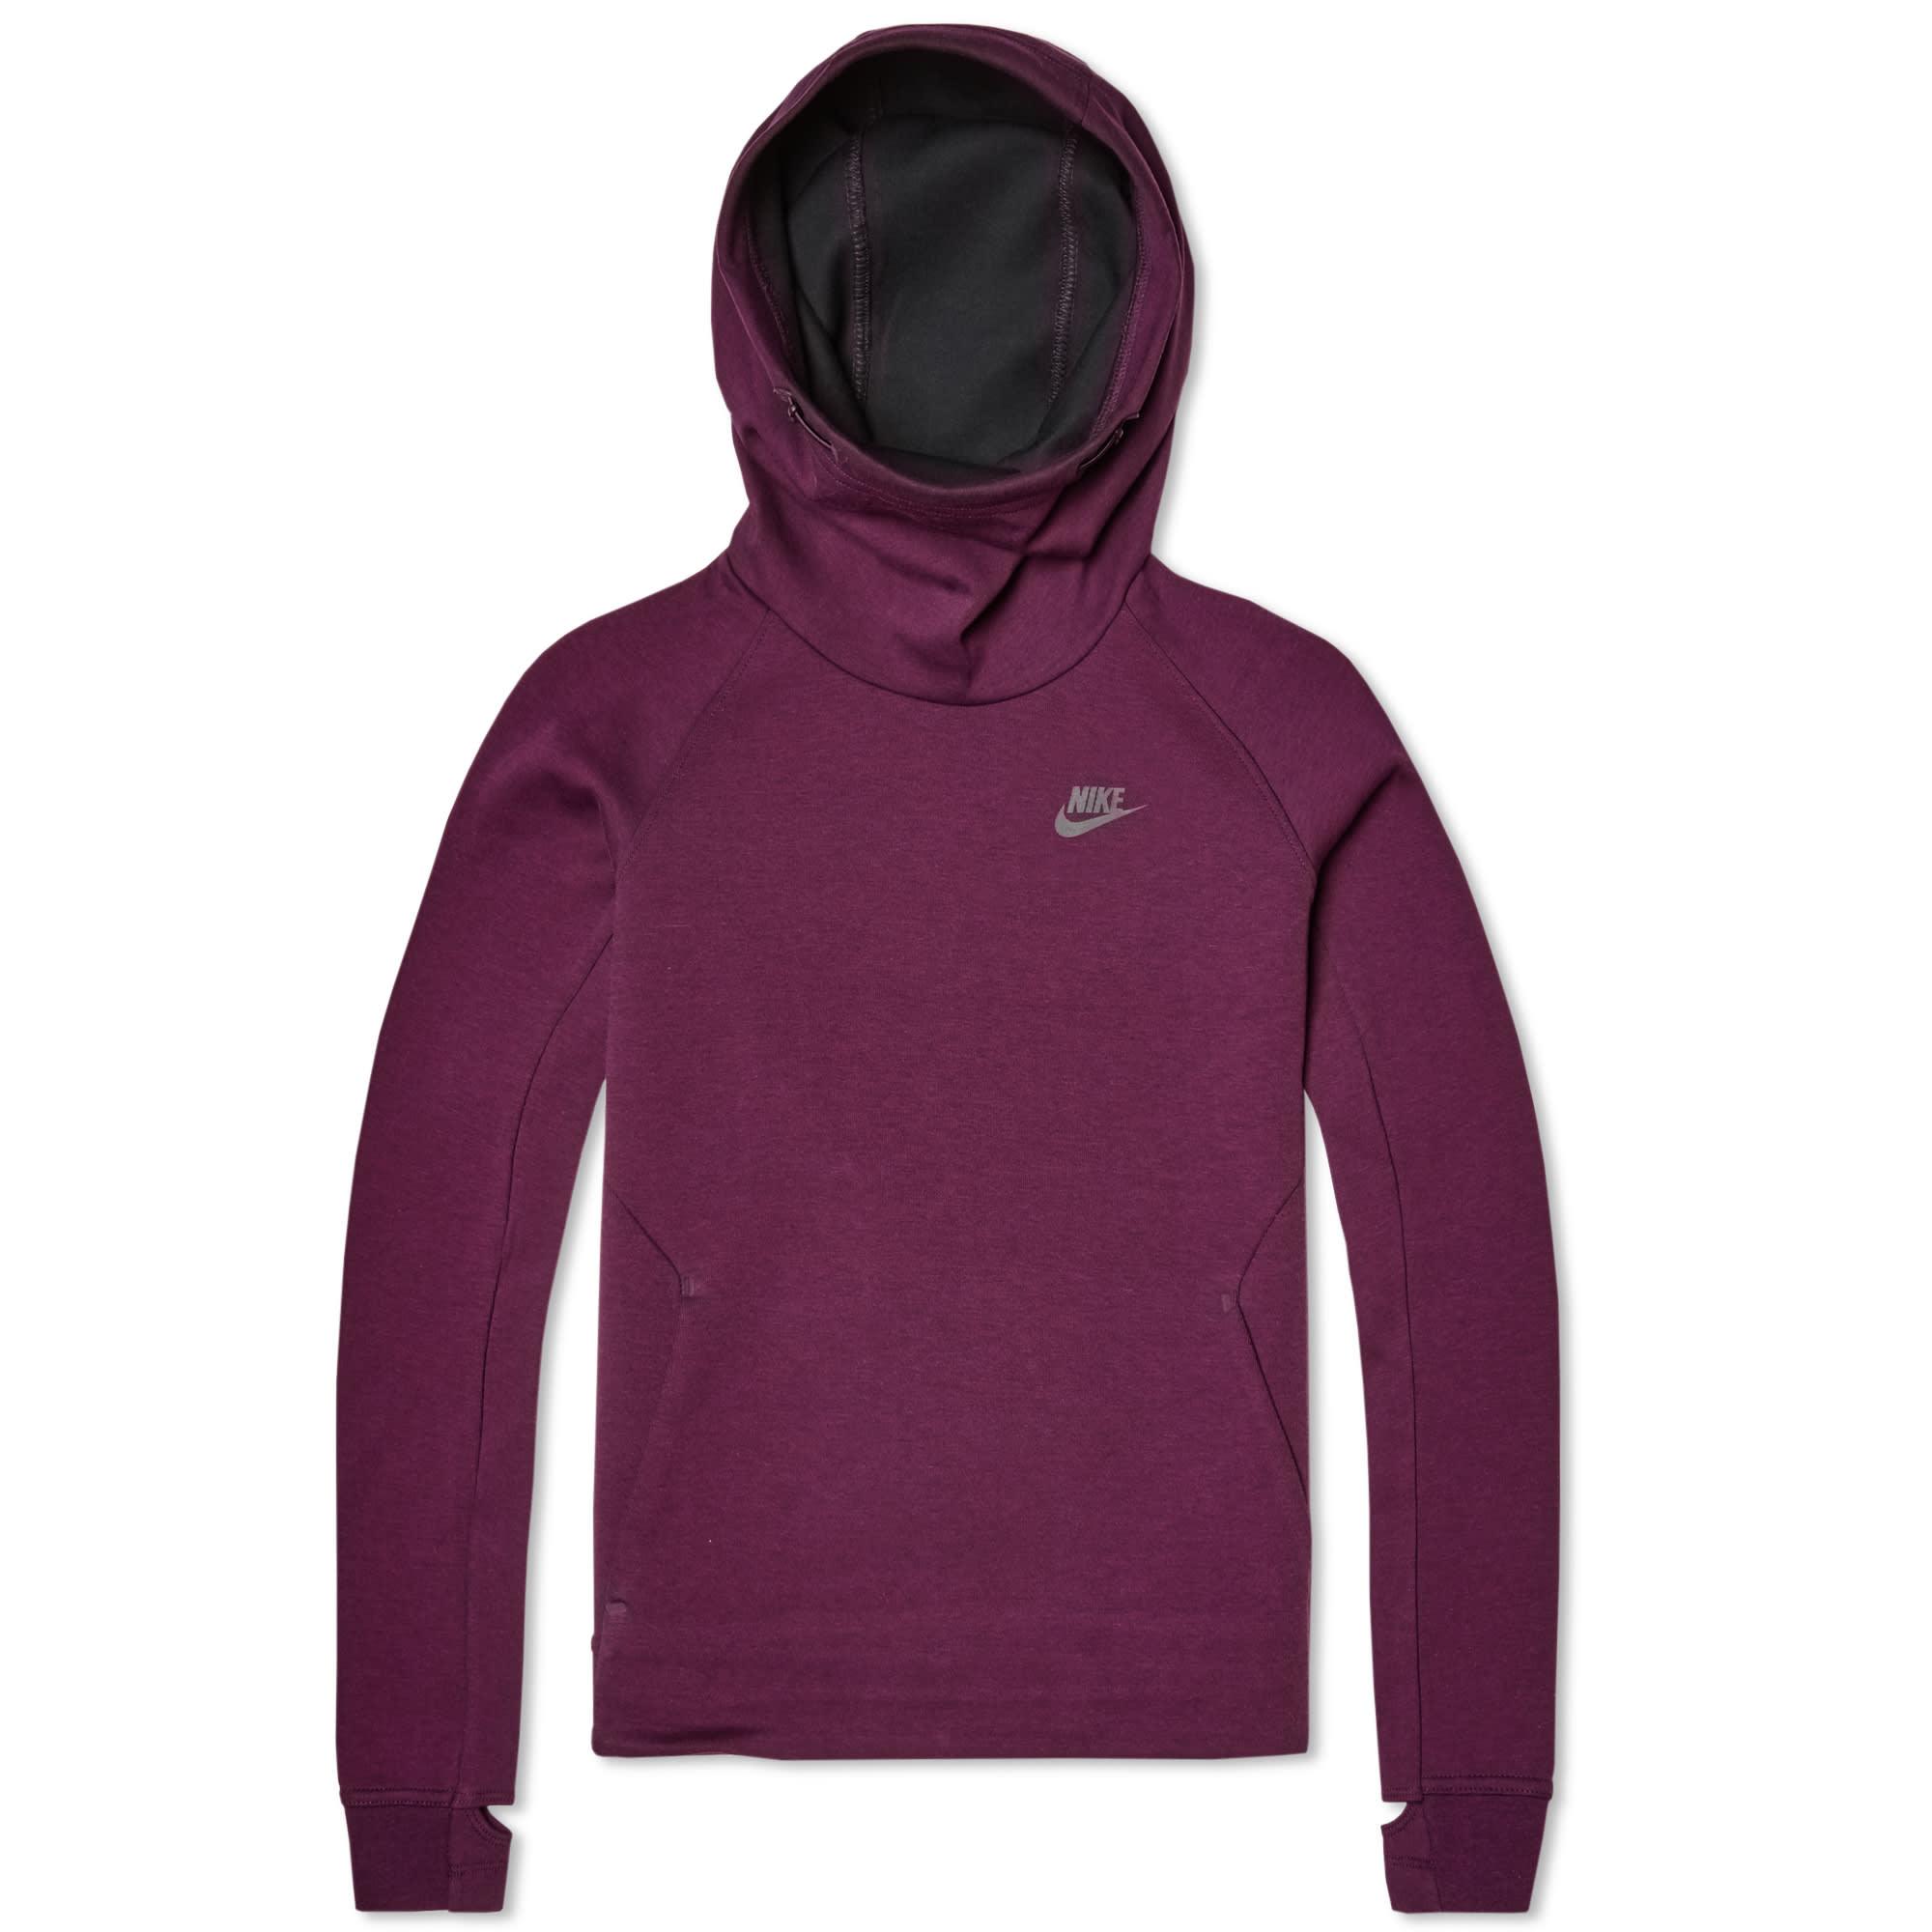 6bc0a67cb7325 Nike Ladies Sweatshirt | Lixnet AG